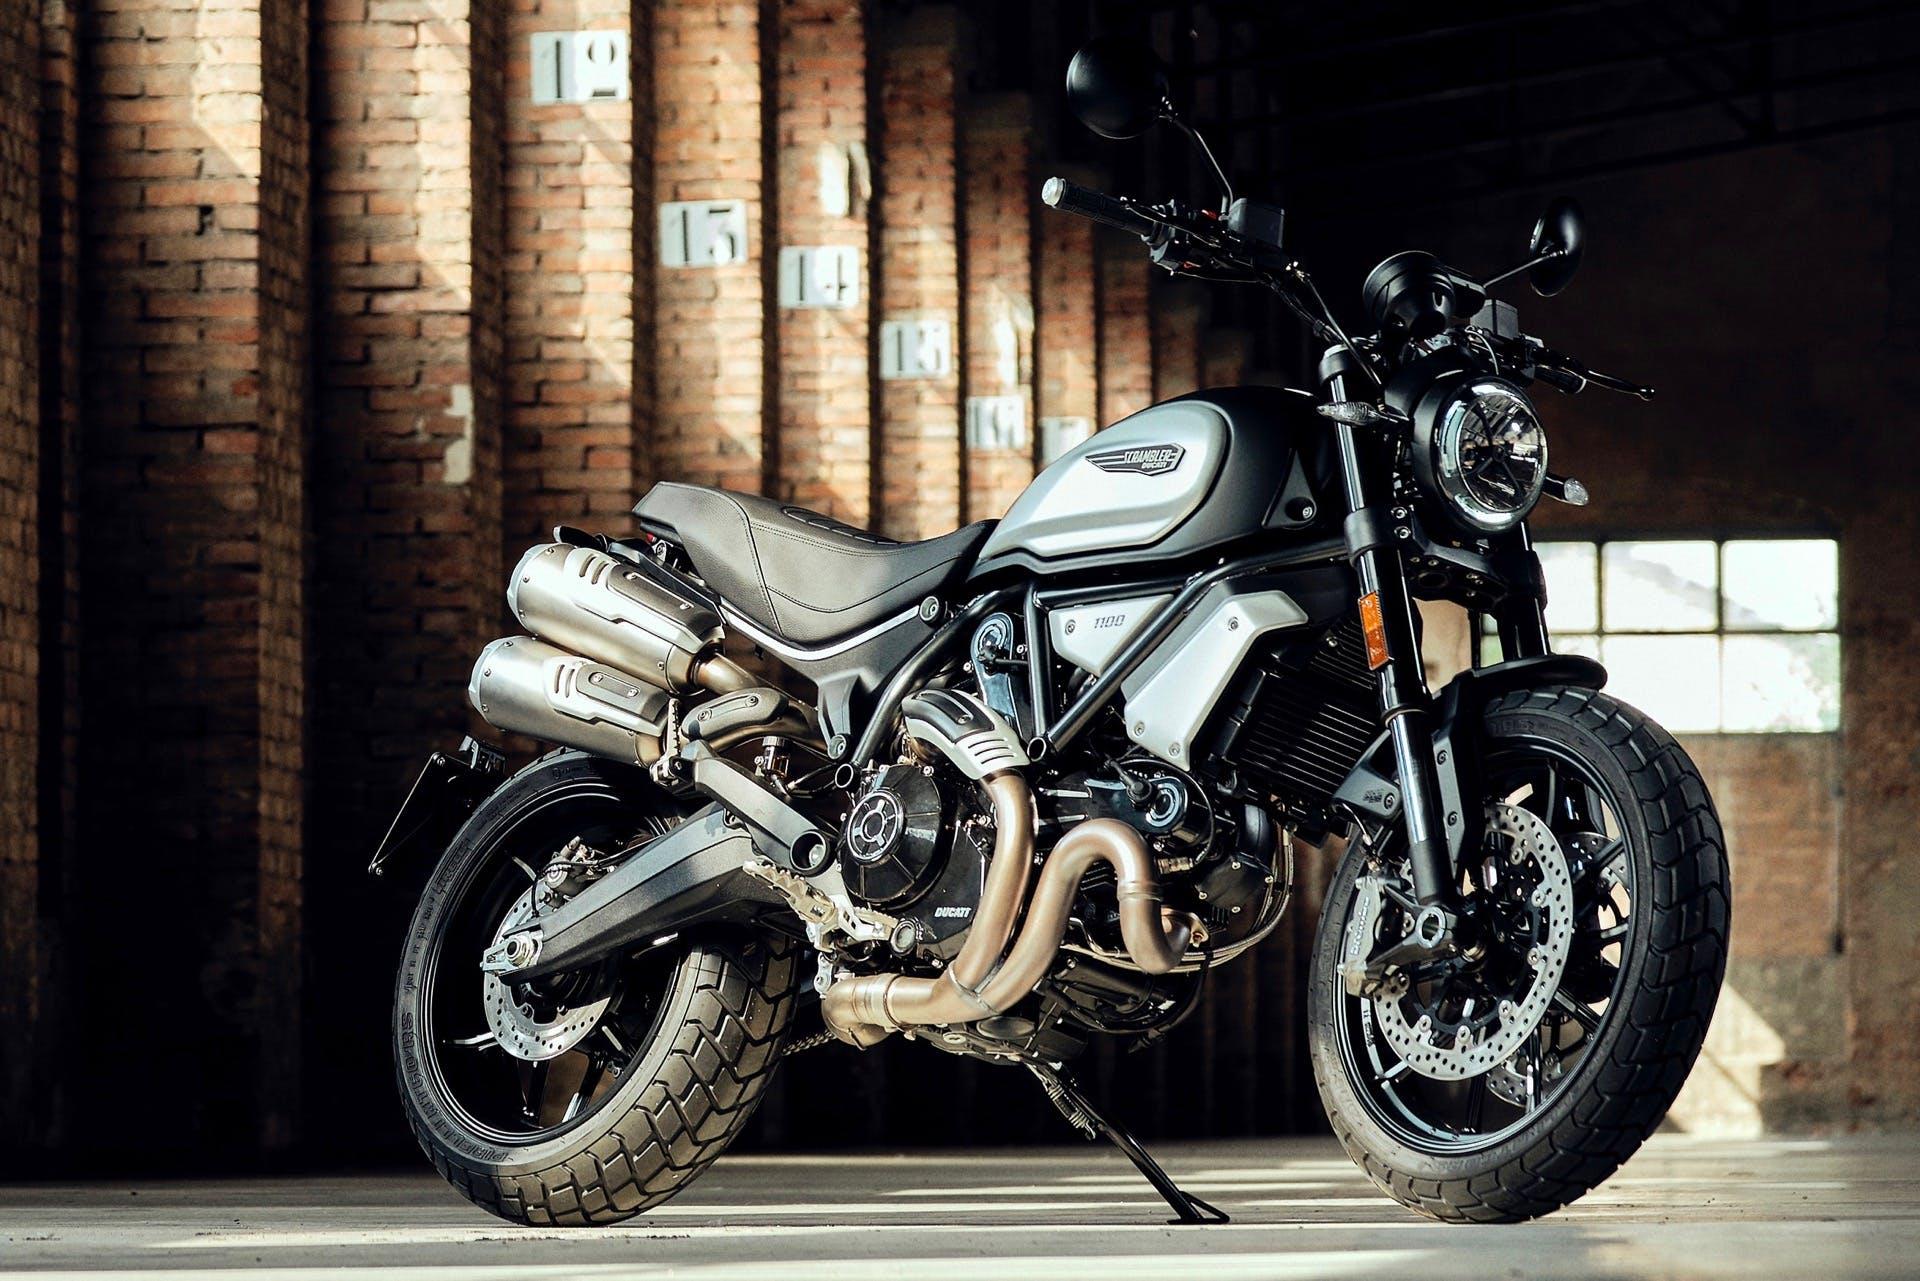 Ducati Scrambler Dark Pro 1100 tre quarti anteriore